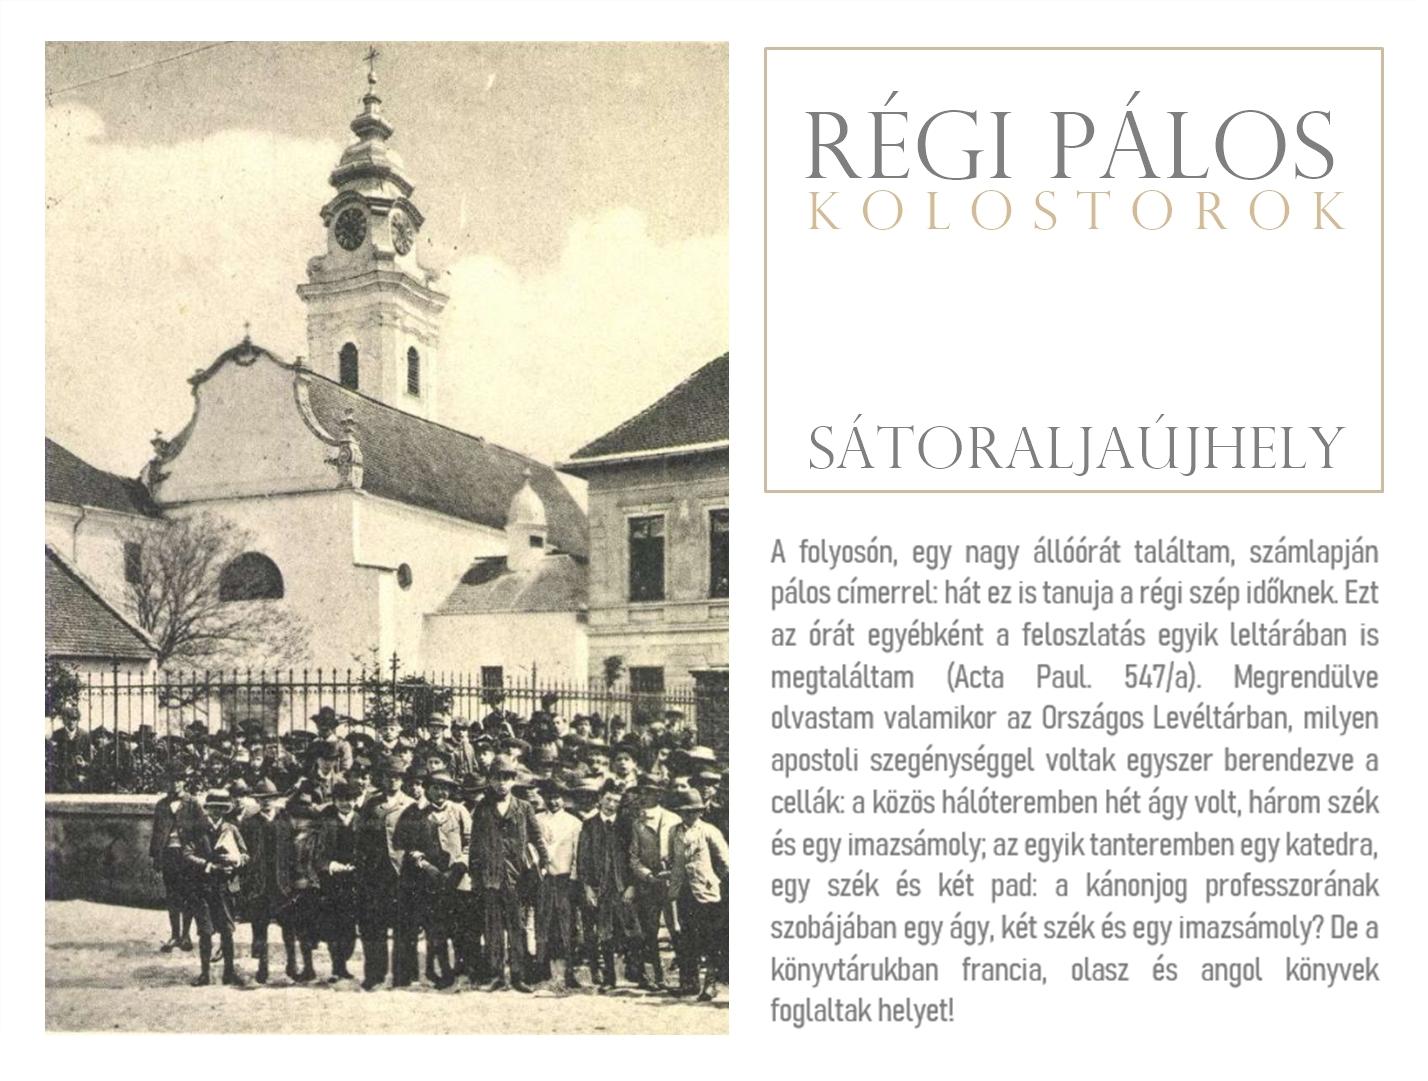 Régi pálos kolostorok – Sátoraljaújhely